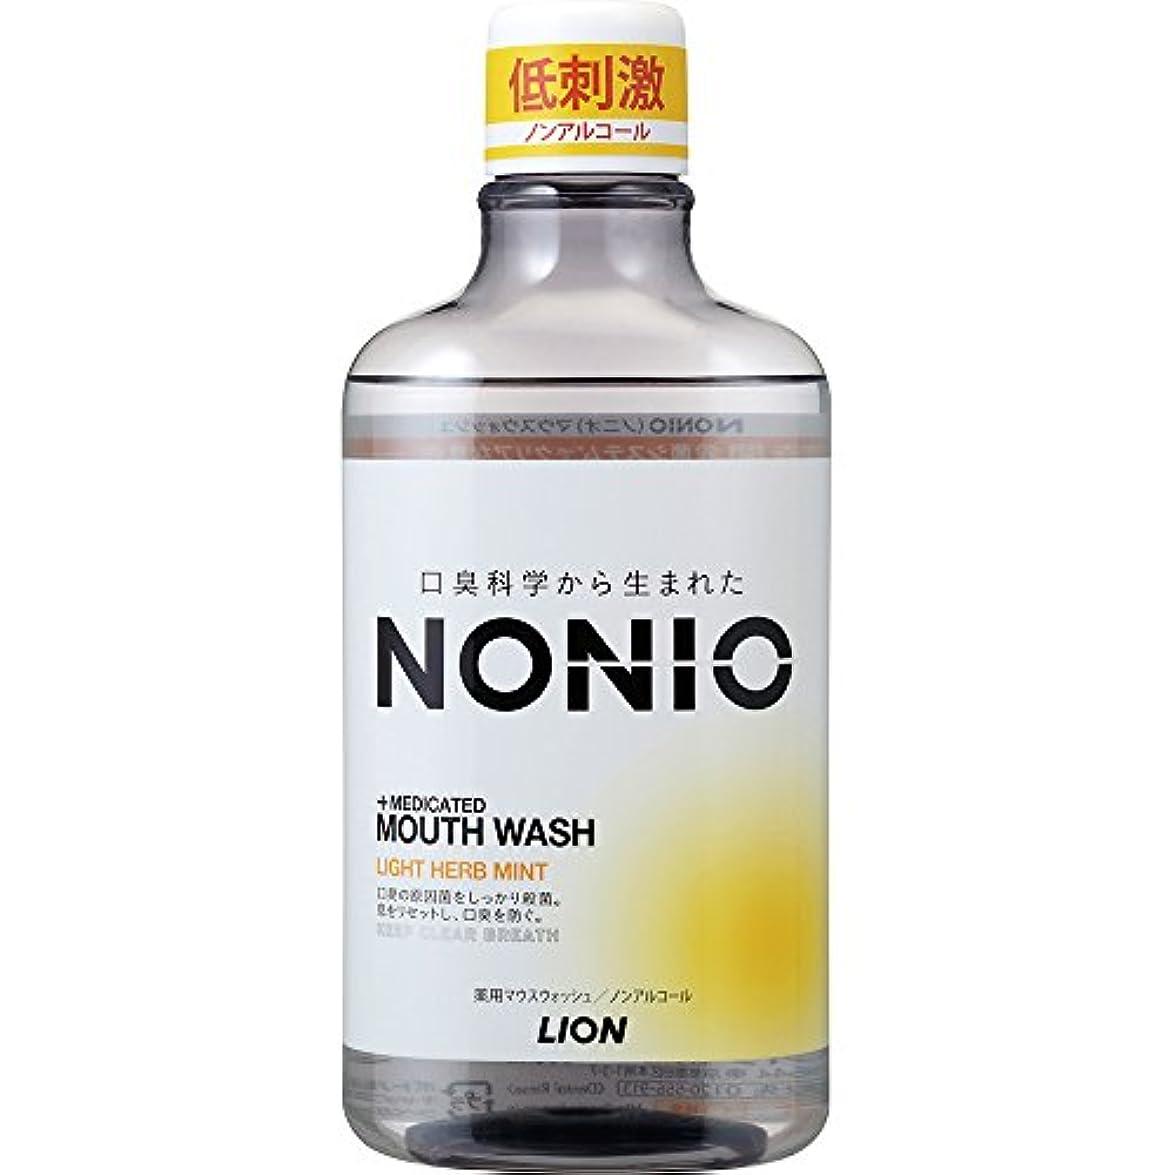 初心者上へ護衛[医薬部外品]NONIO マウスウォッシュ ノンアルコール ライトハーブミント 600ml 洗口液